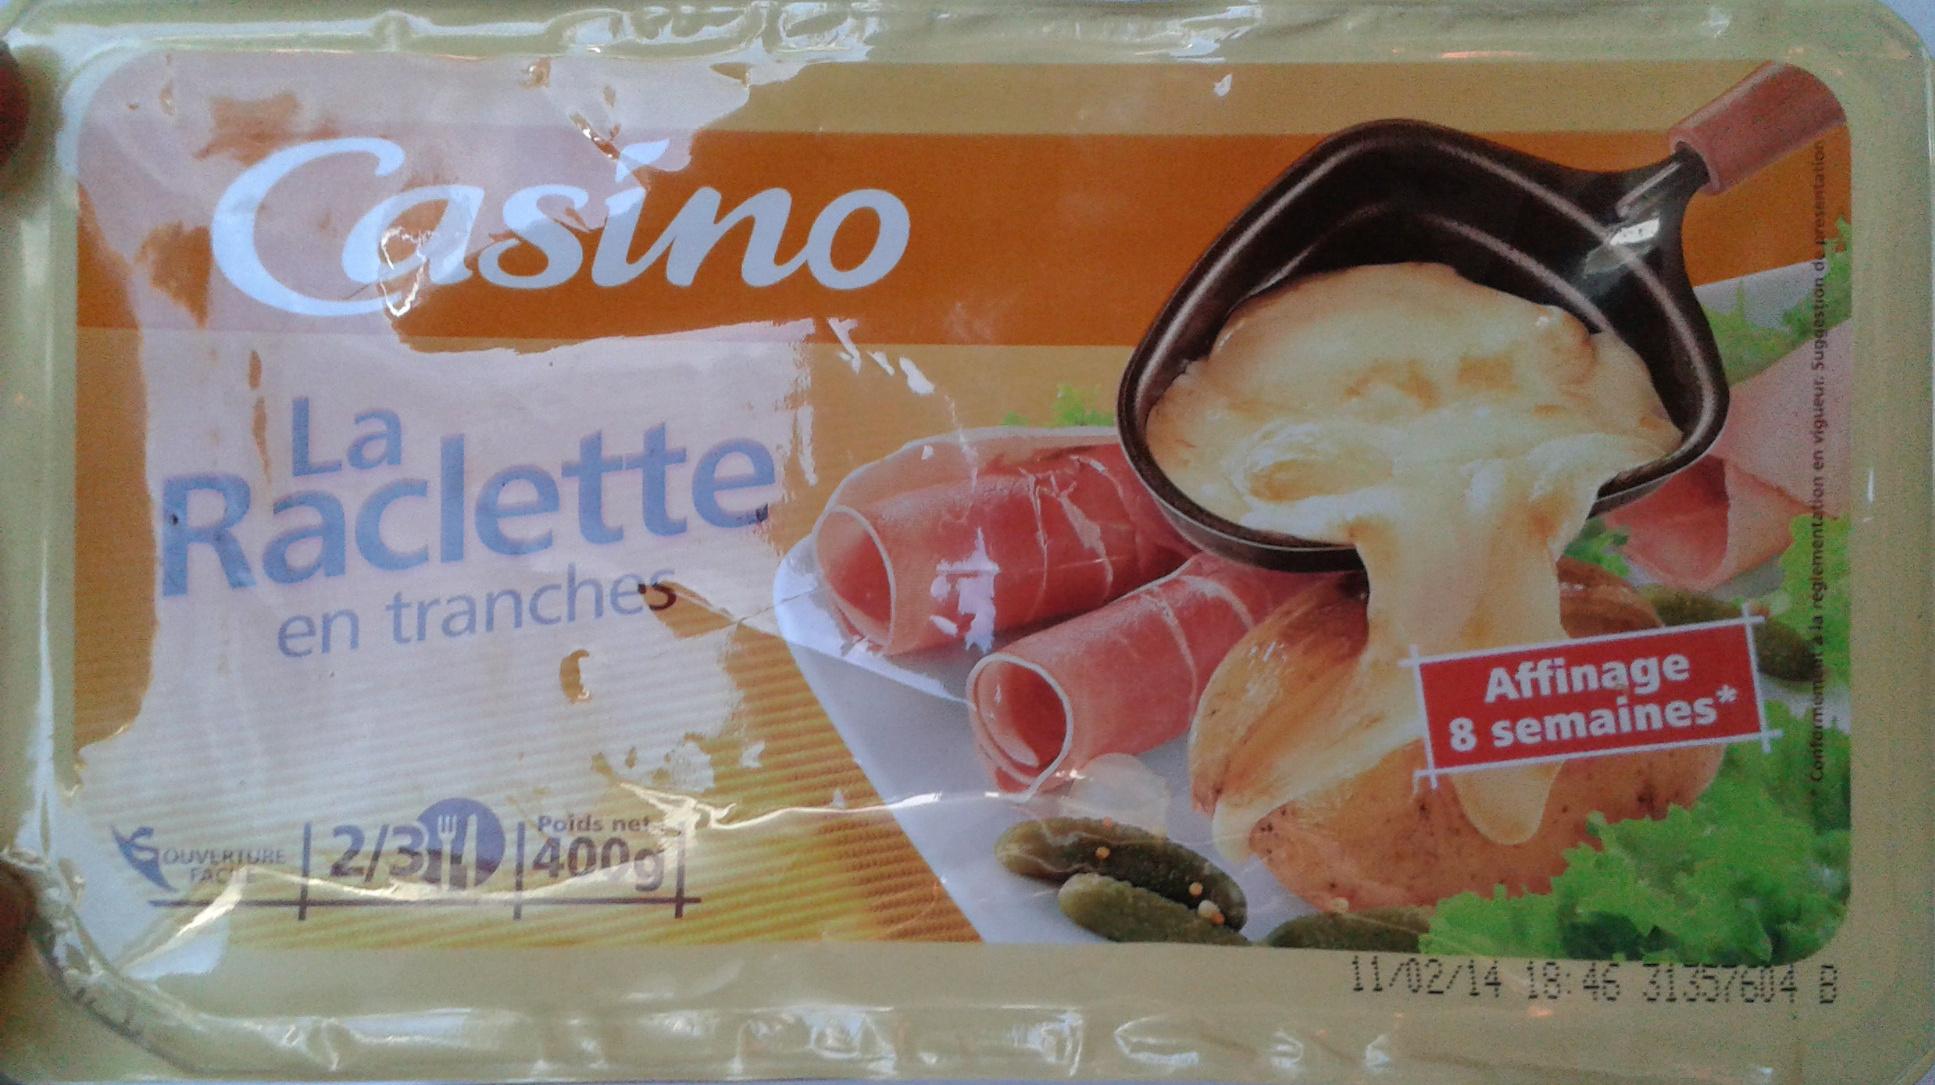 La raclette 26 mg en tranches 400 g casino 400 g - Quantite de fromage a raclette par personne ...